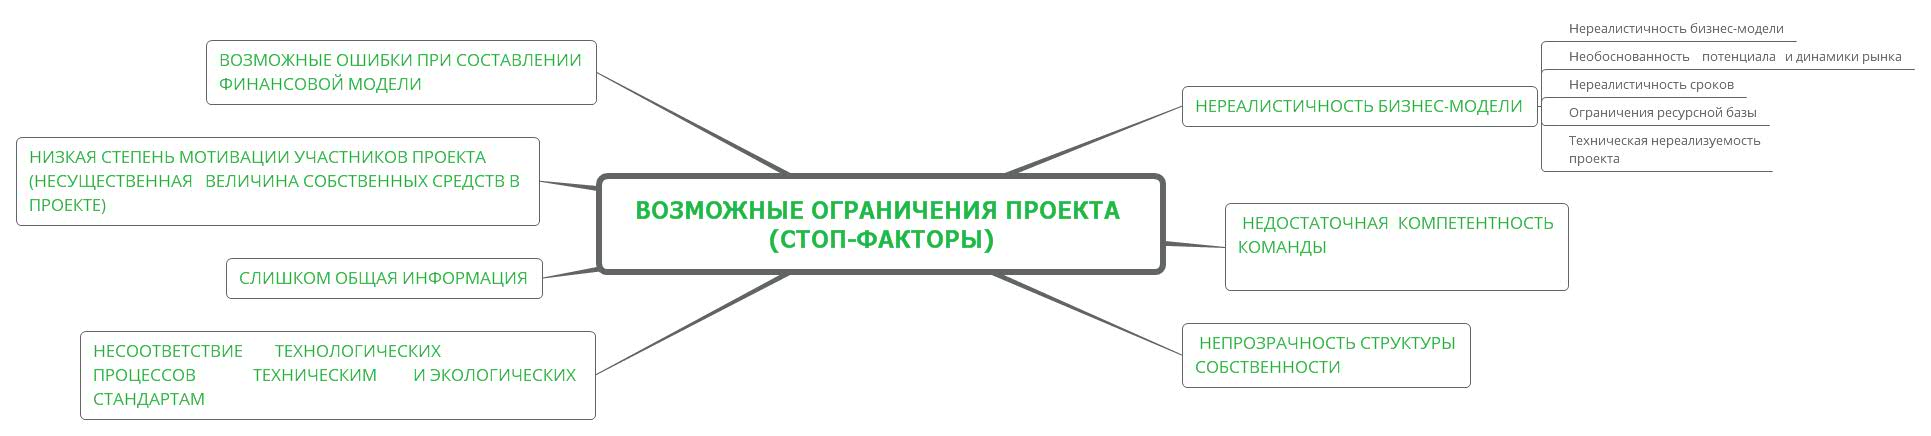 Возможные ограничения проекта (стоп-факторы)